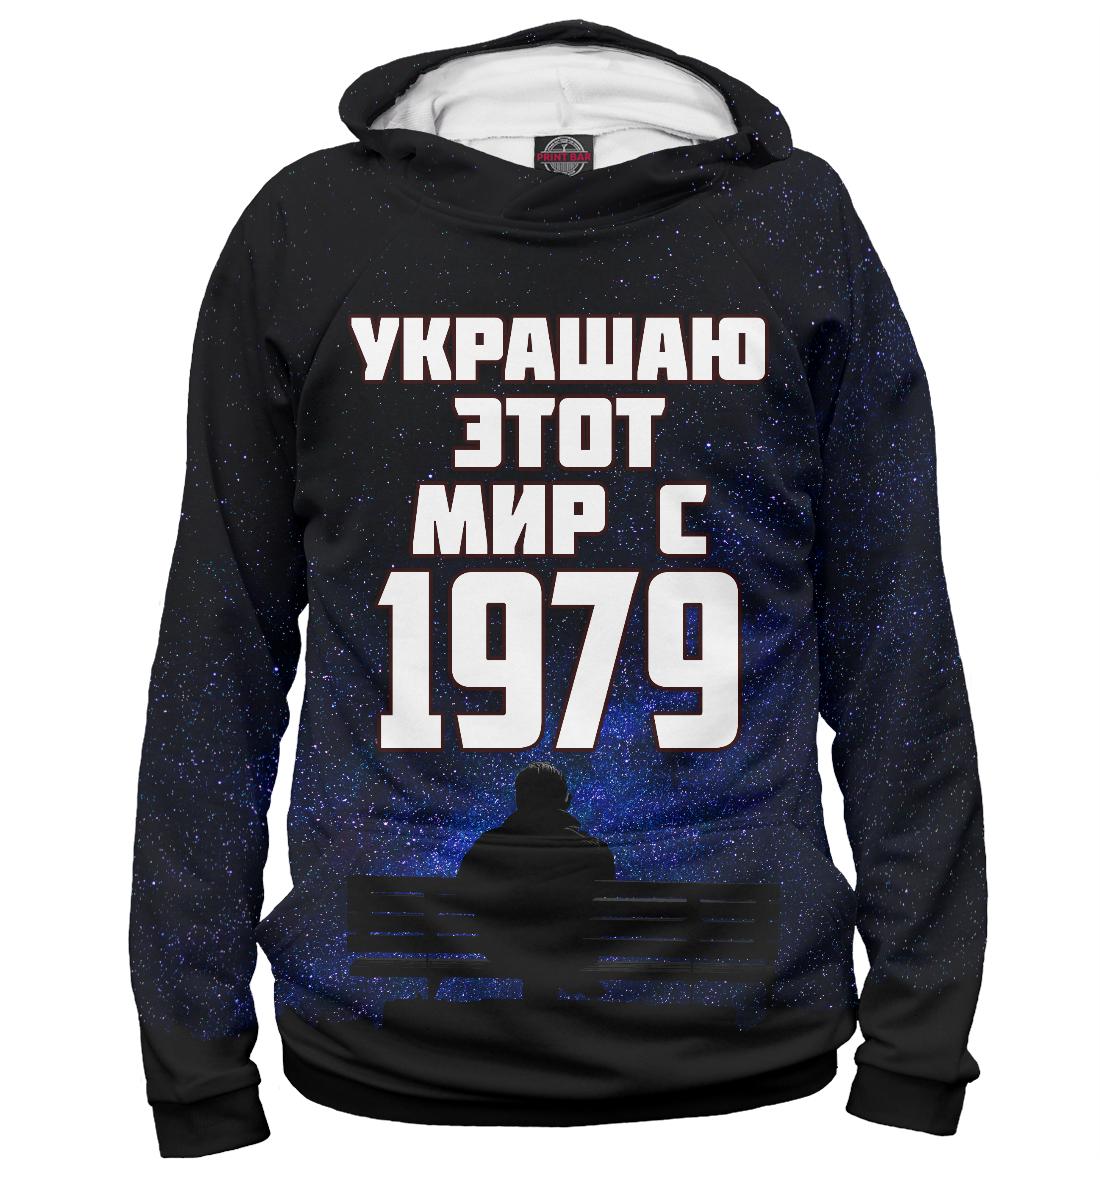 Купить Украшаю этот мир с 1979, Printbar, Худи, DSD-946244-hud-2